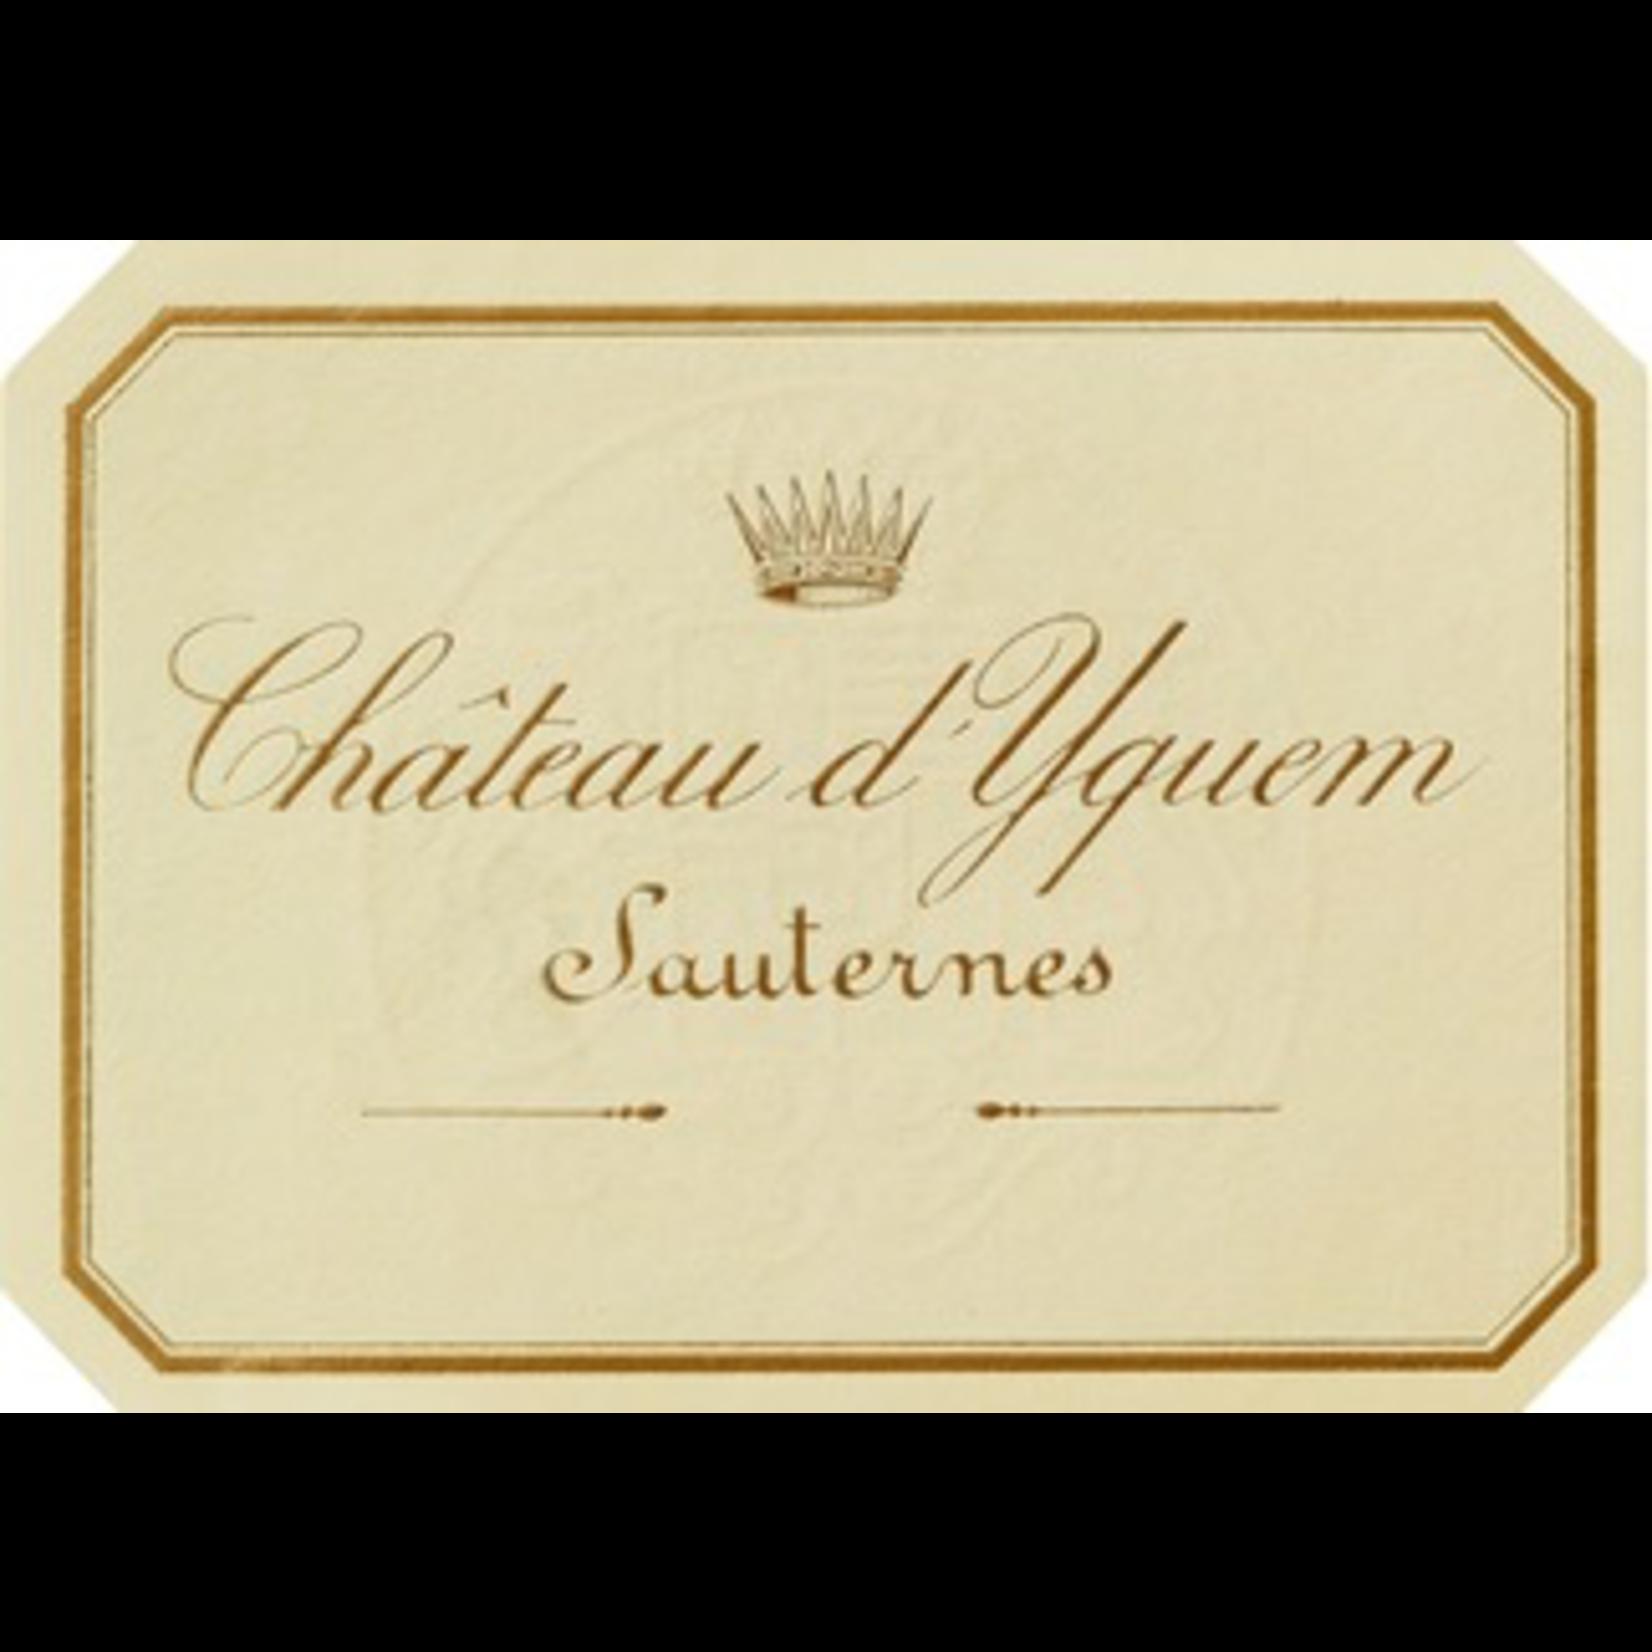 Chateau d'Yquem 2005